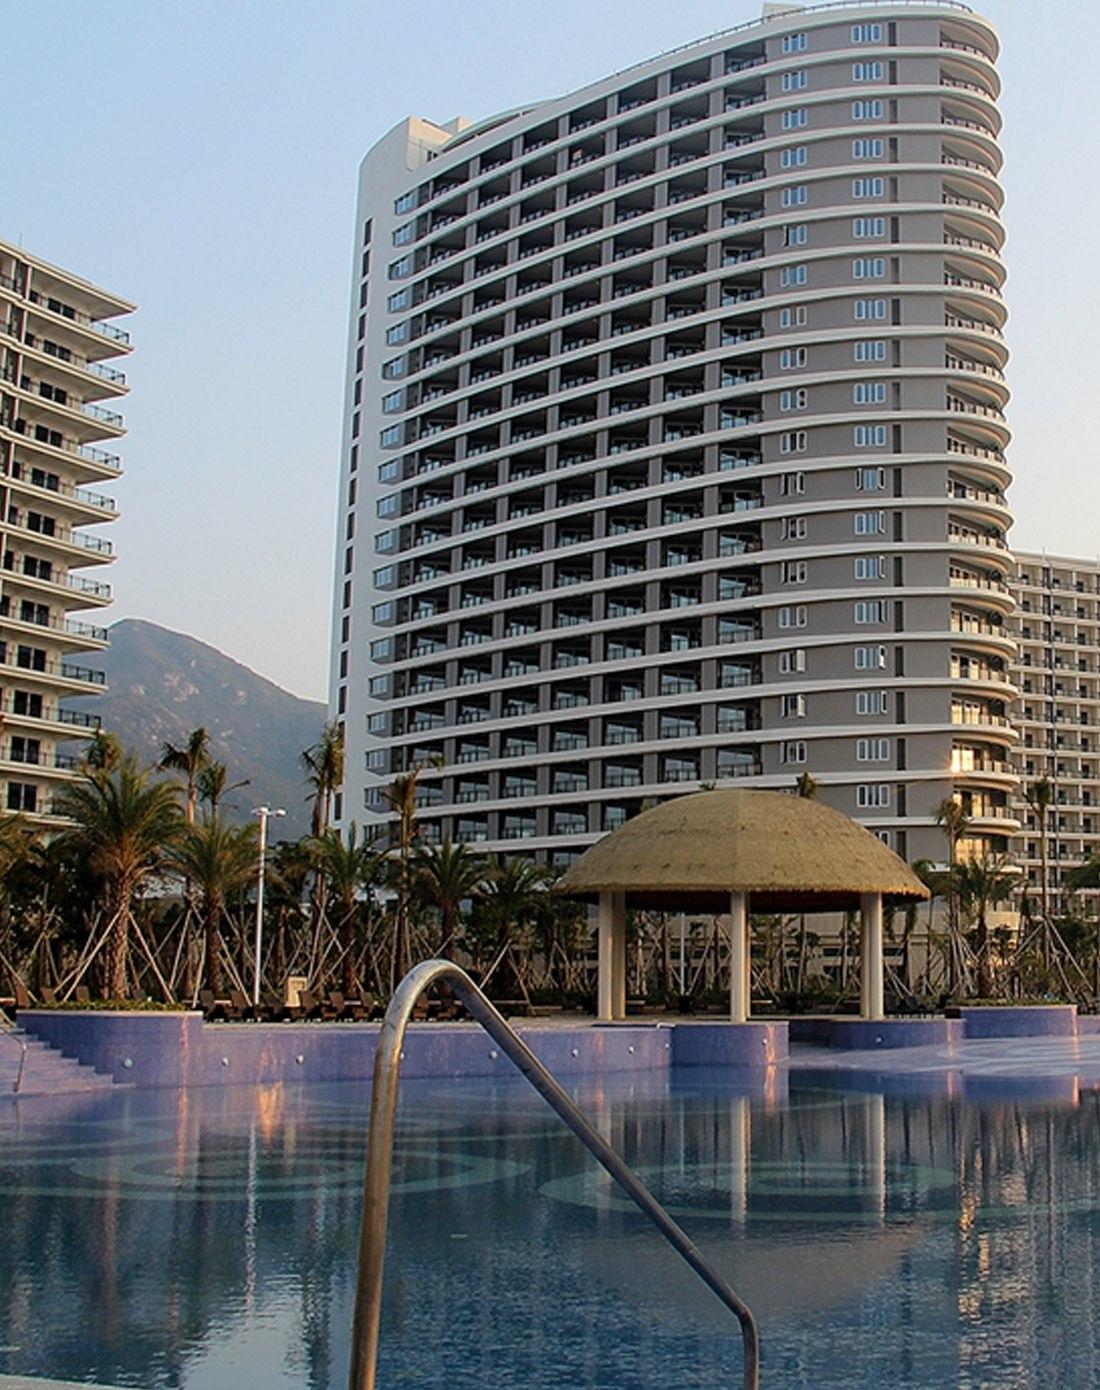 2015年5月23日惠州巽寮湾海公园爱度度假酒店 标准双人房1间